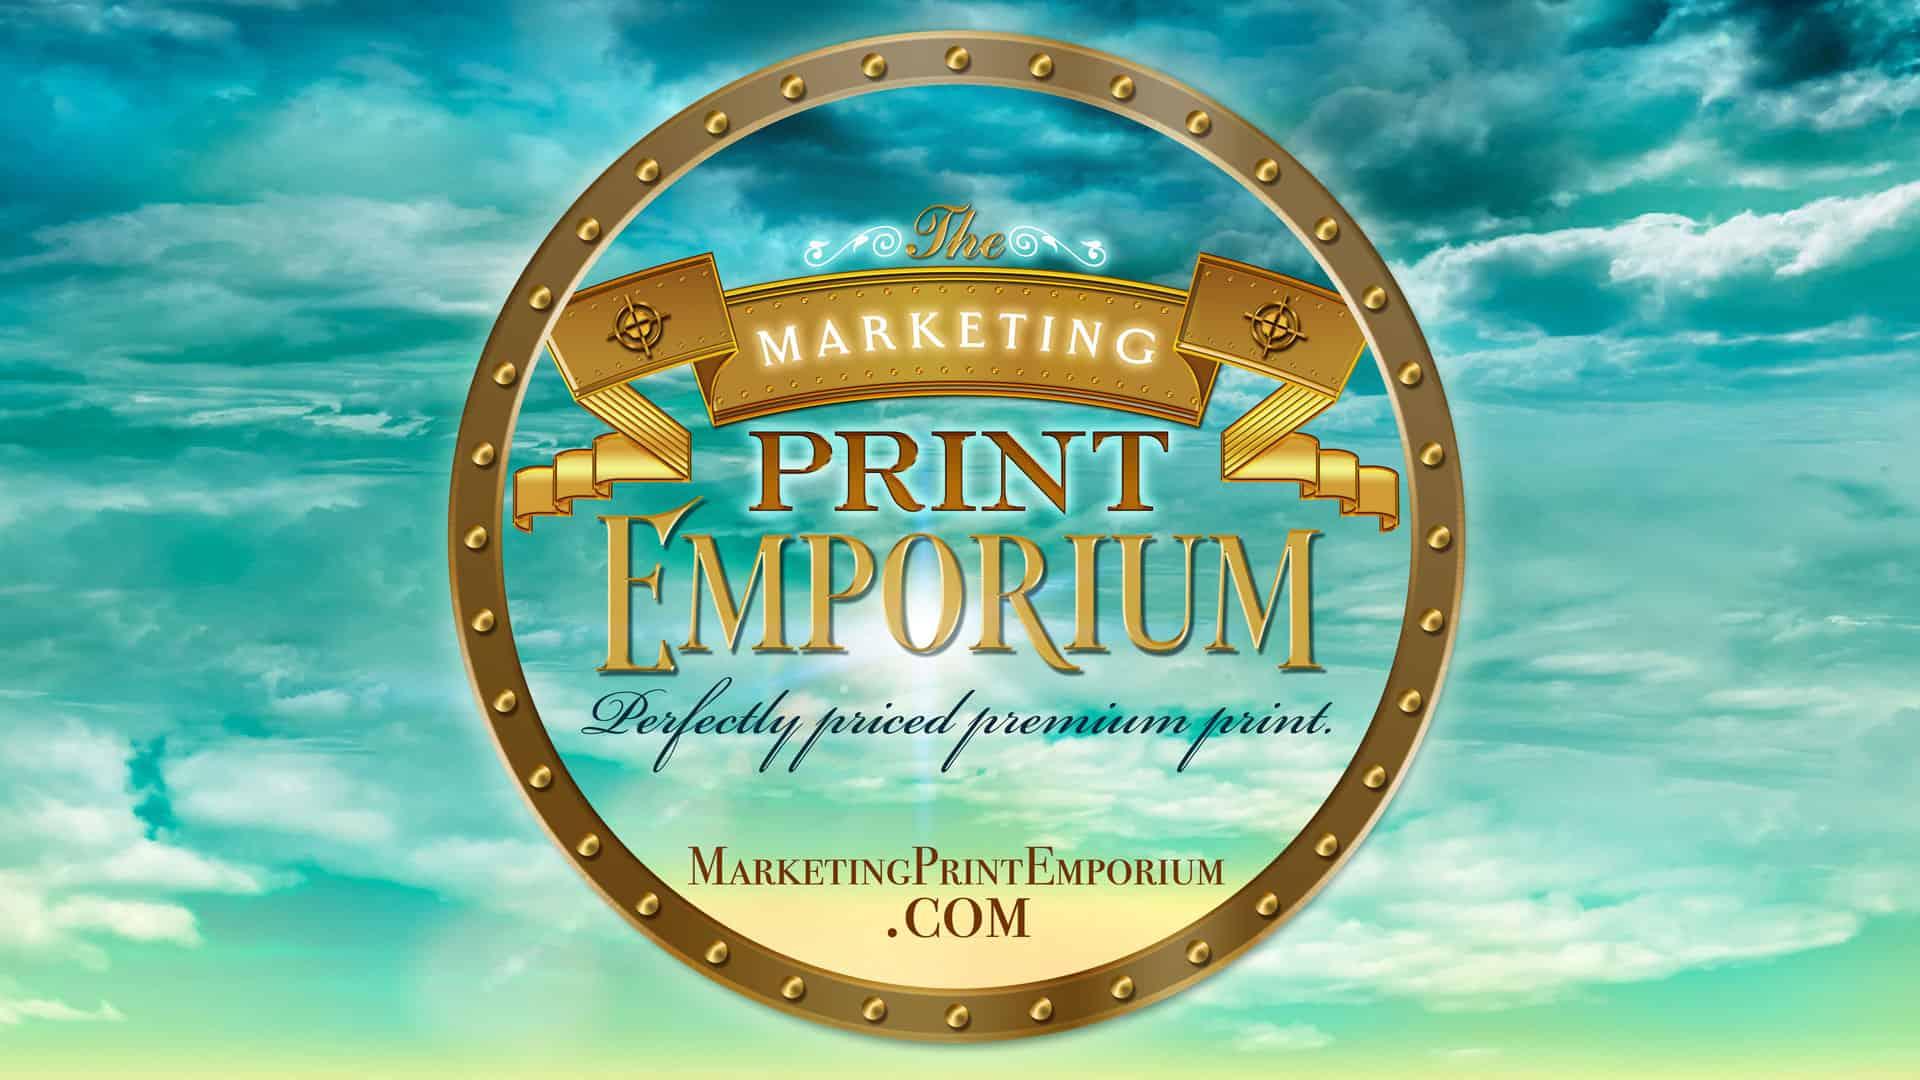 Marketing Print Emporium Image 6